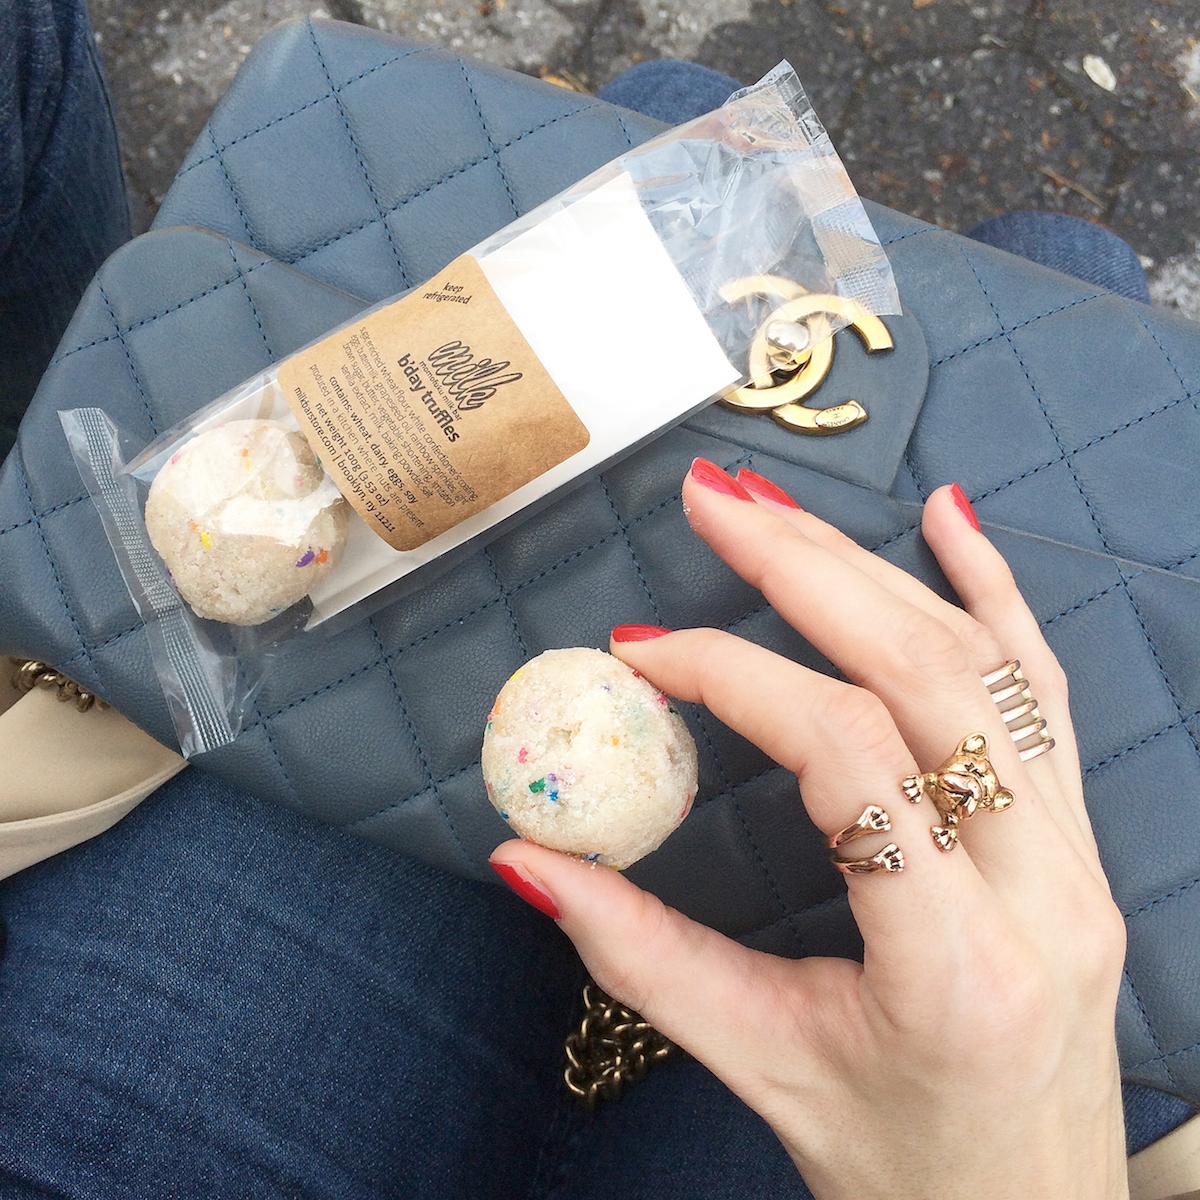 cake-ball-truffles-from-Milk-Bar.jpg